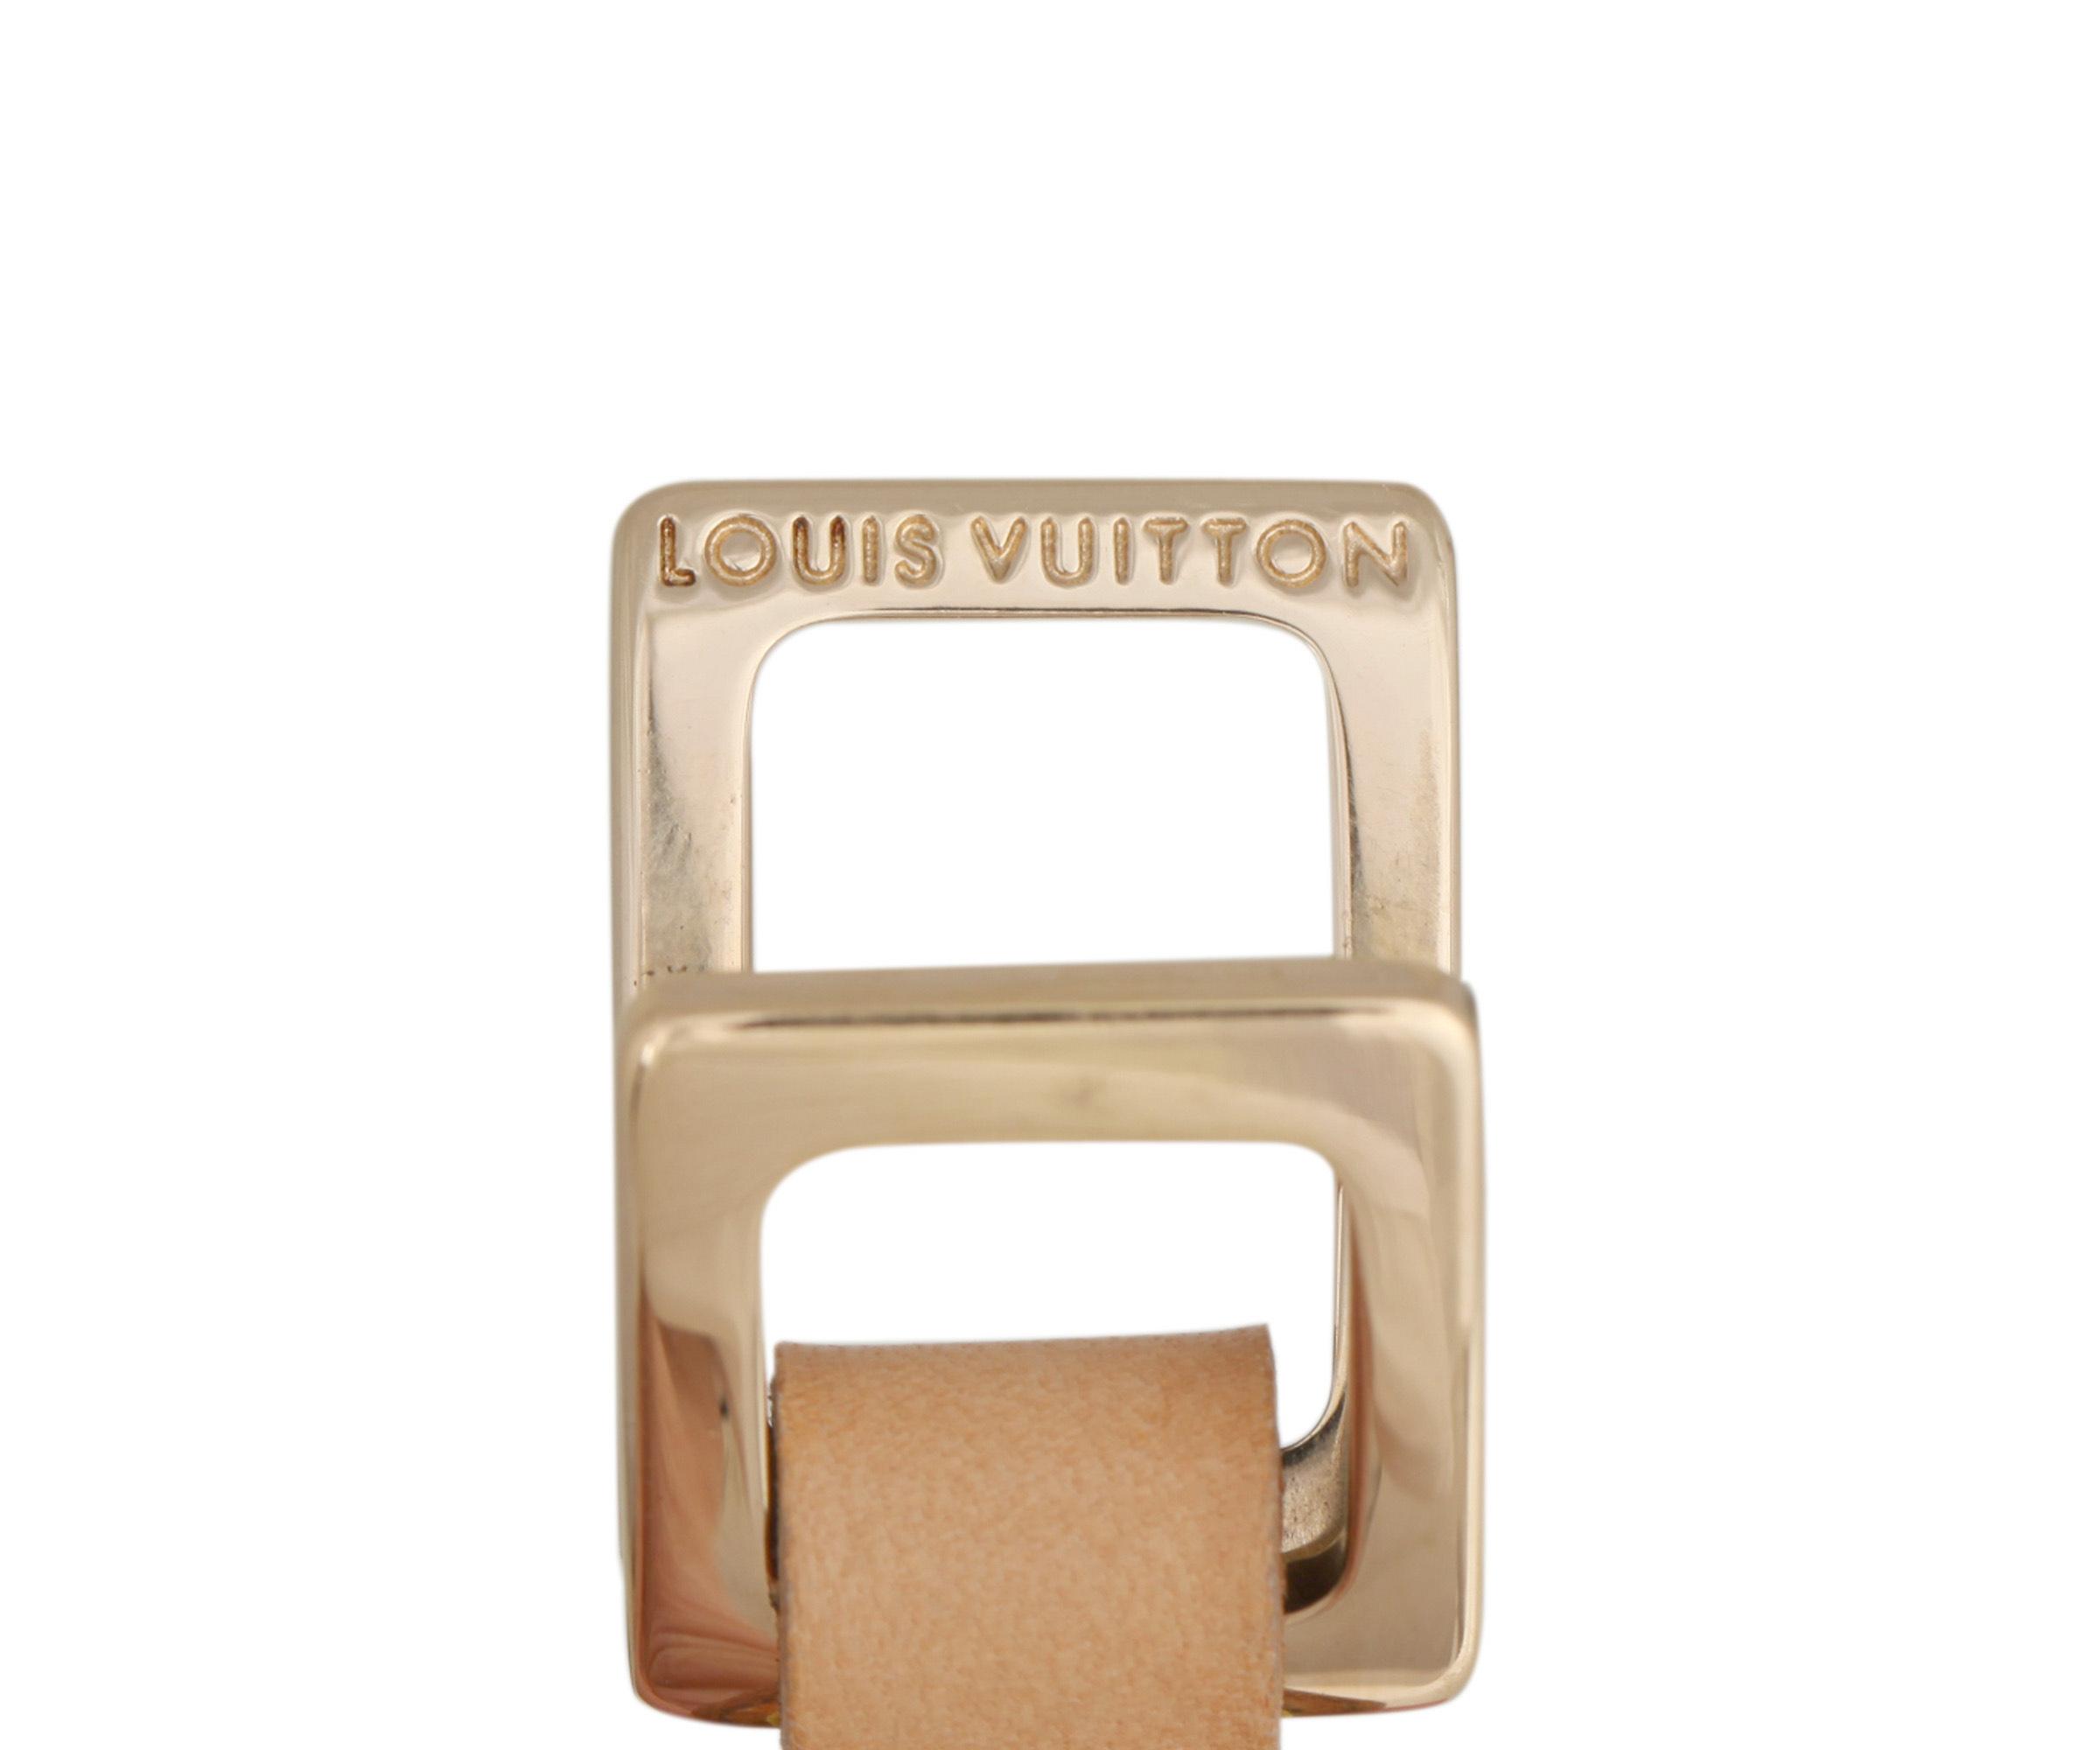 Louis Vuitton Beige Leather Skinny Belt 85 CM